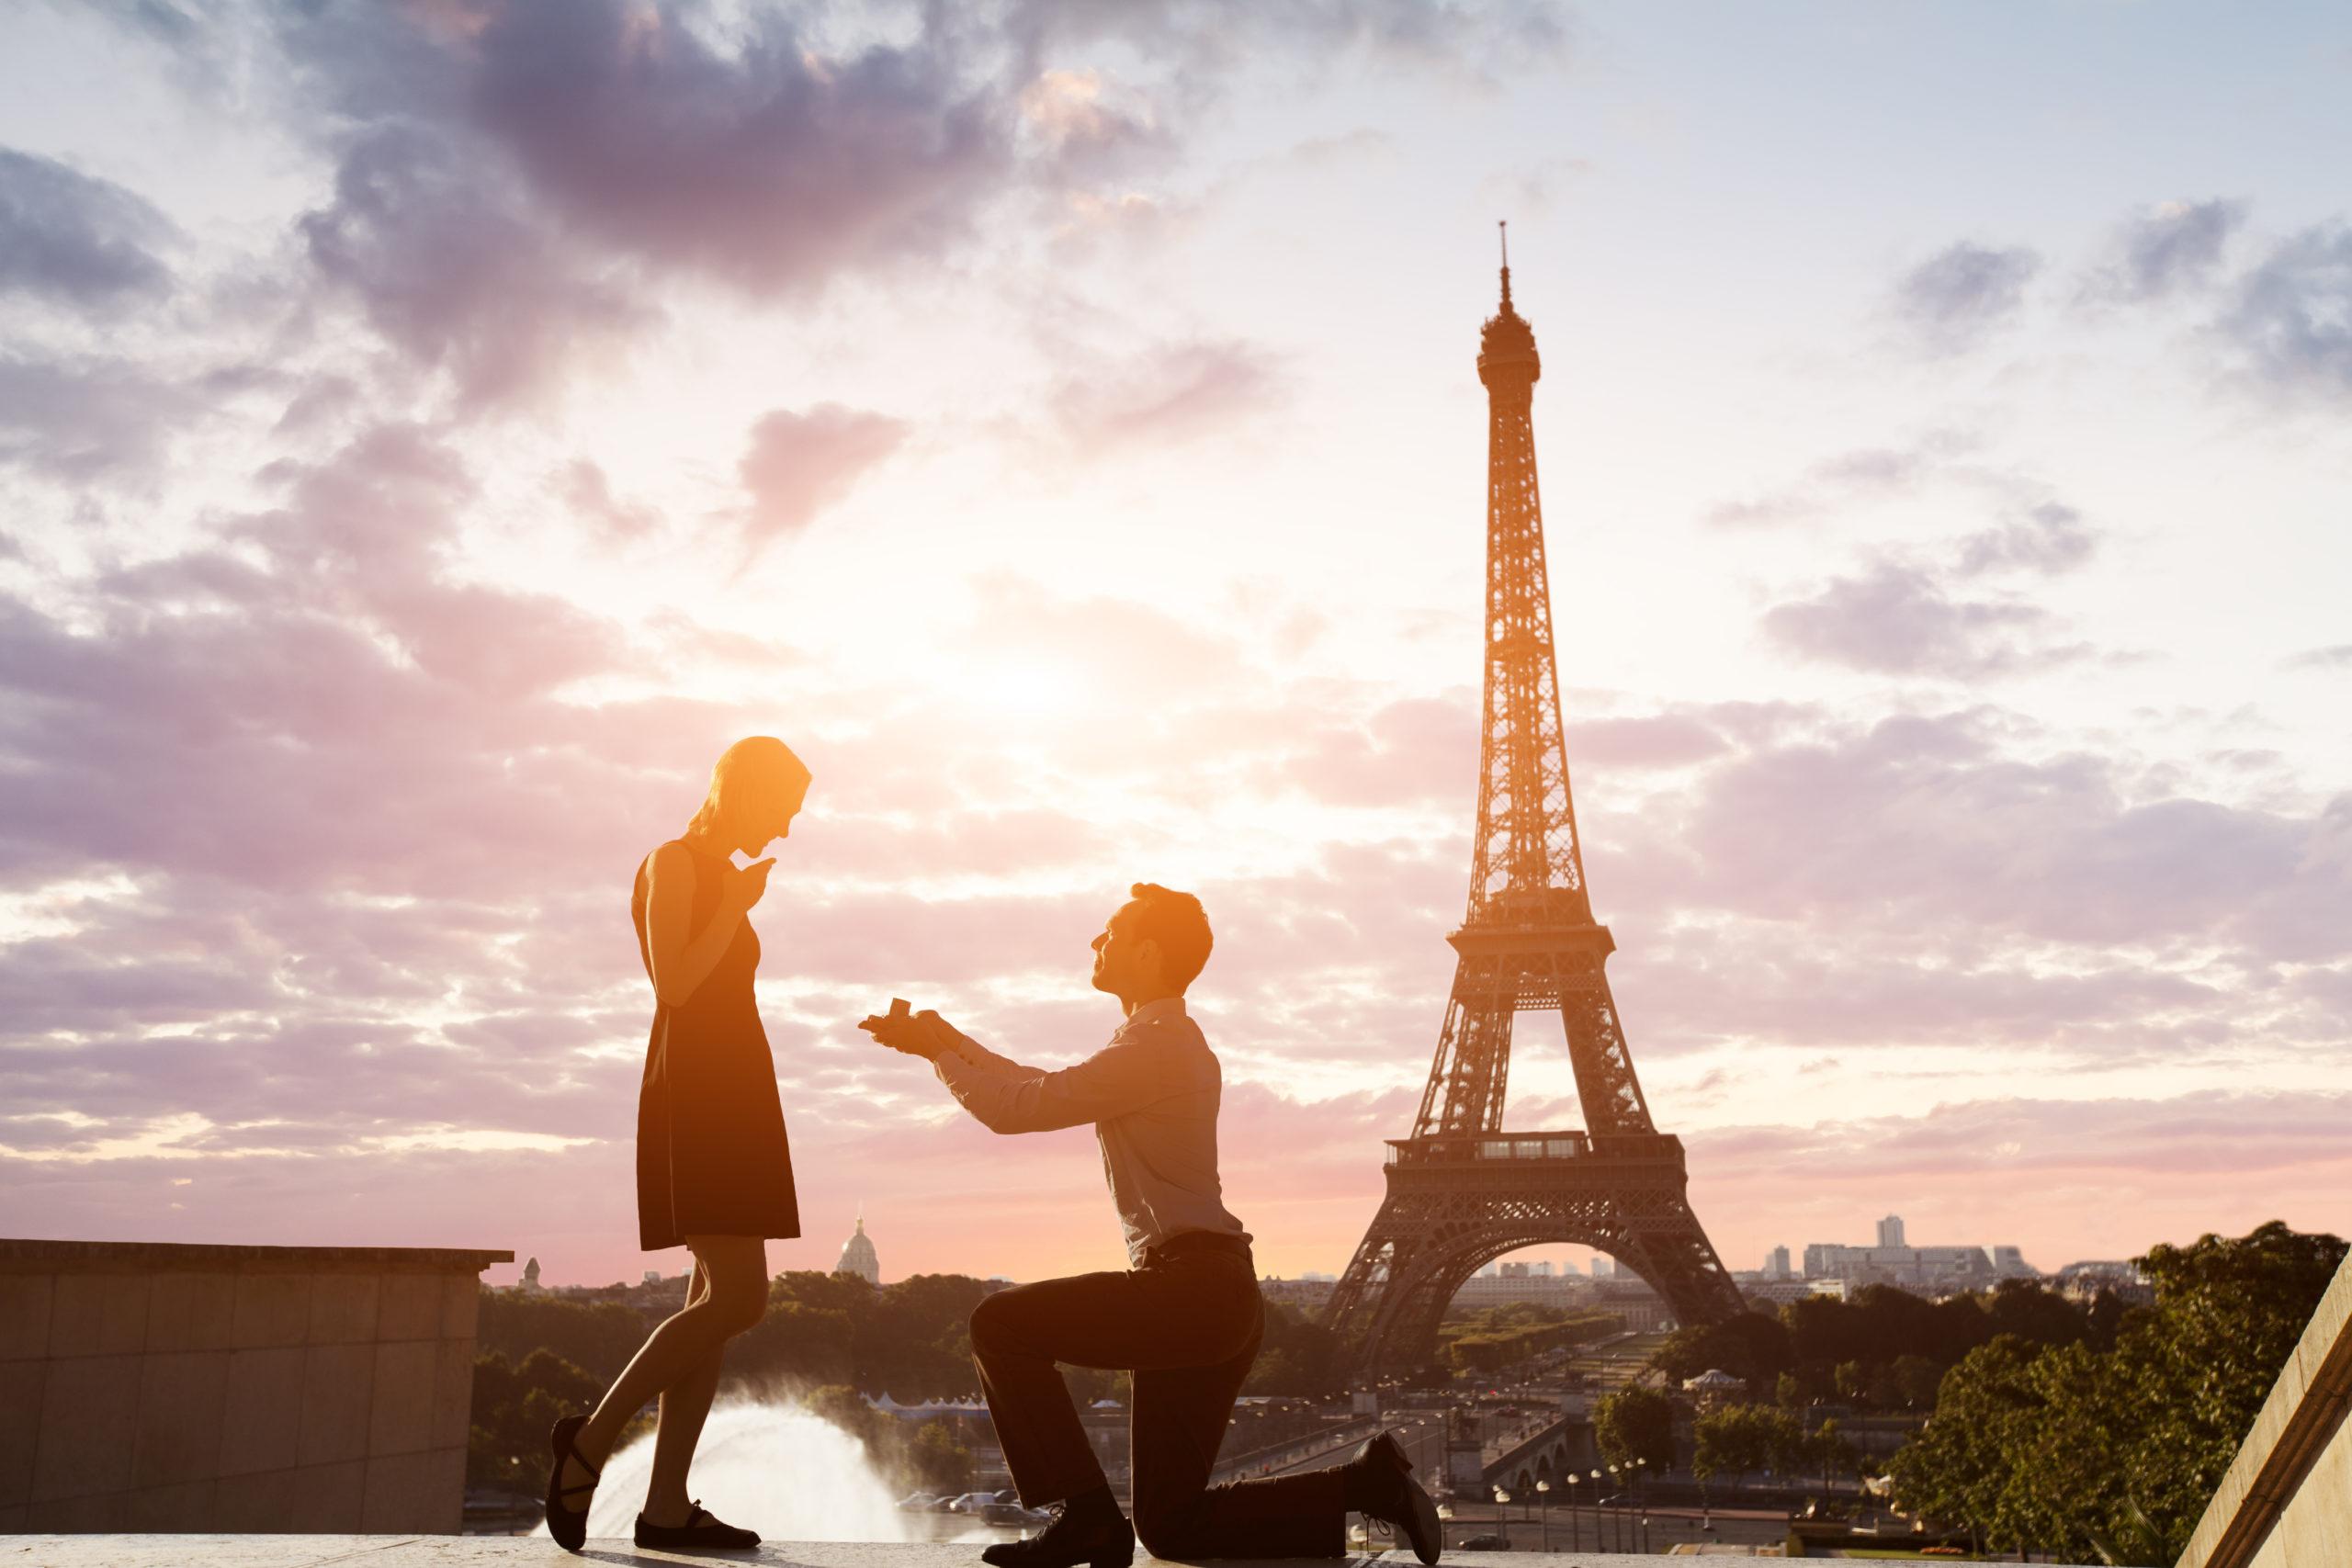 romantic-marriage-proposal-eiffel-tower-paris-314654882